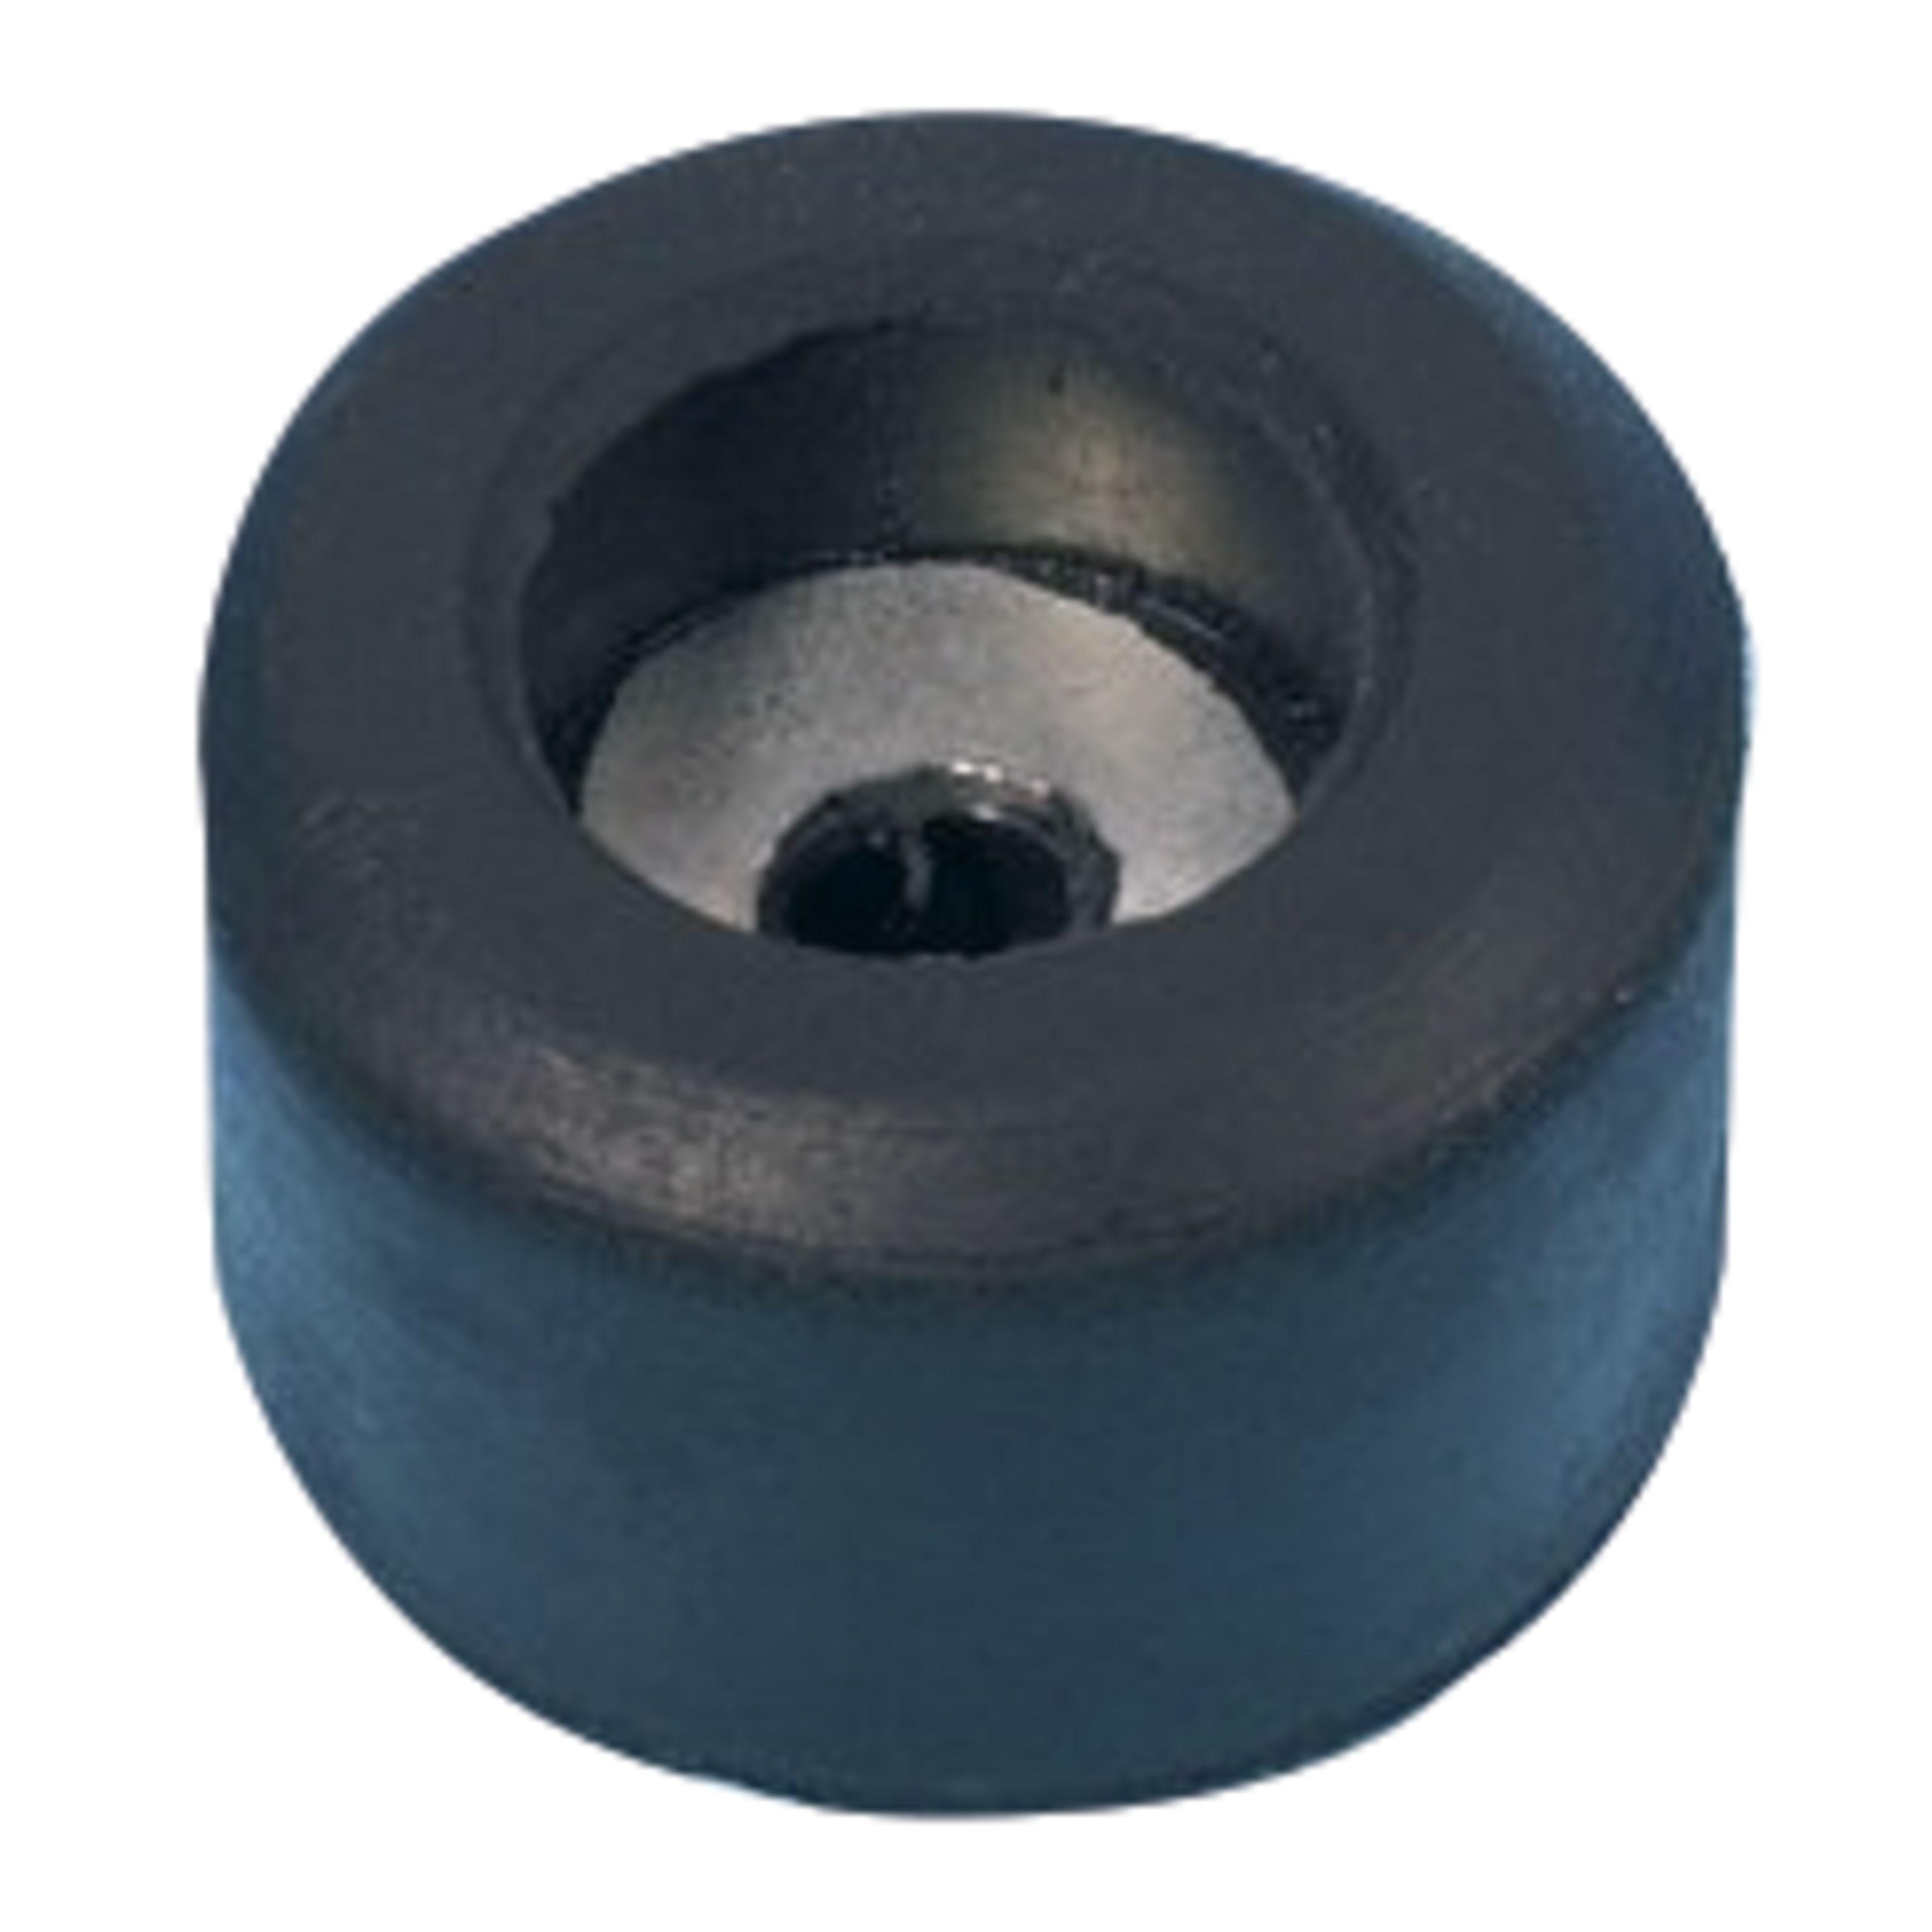 Adam Hall 4904 Pied caoutchouc 25 x 15 mm avec rondelle acier